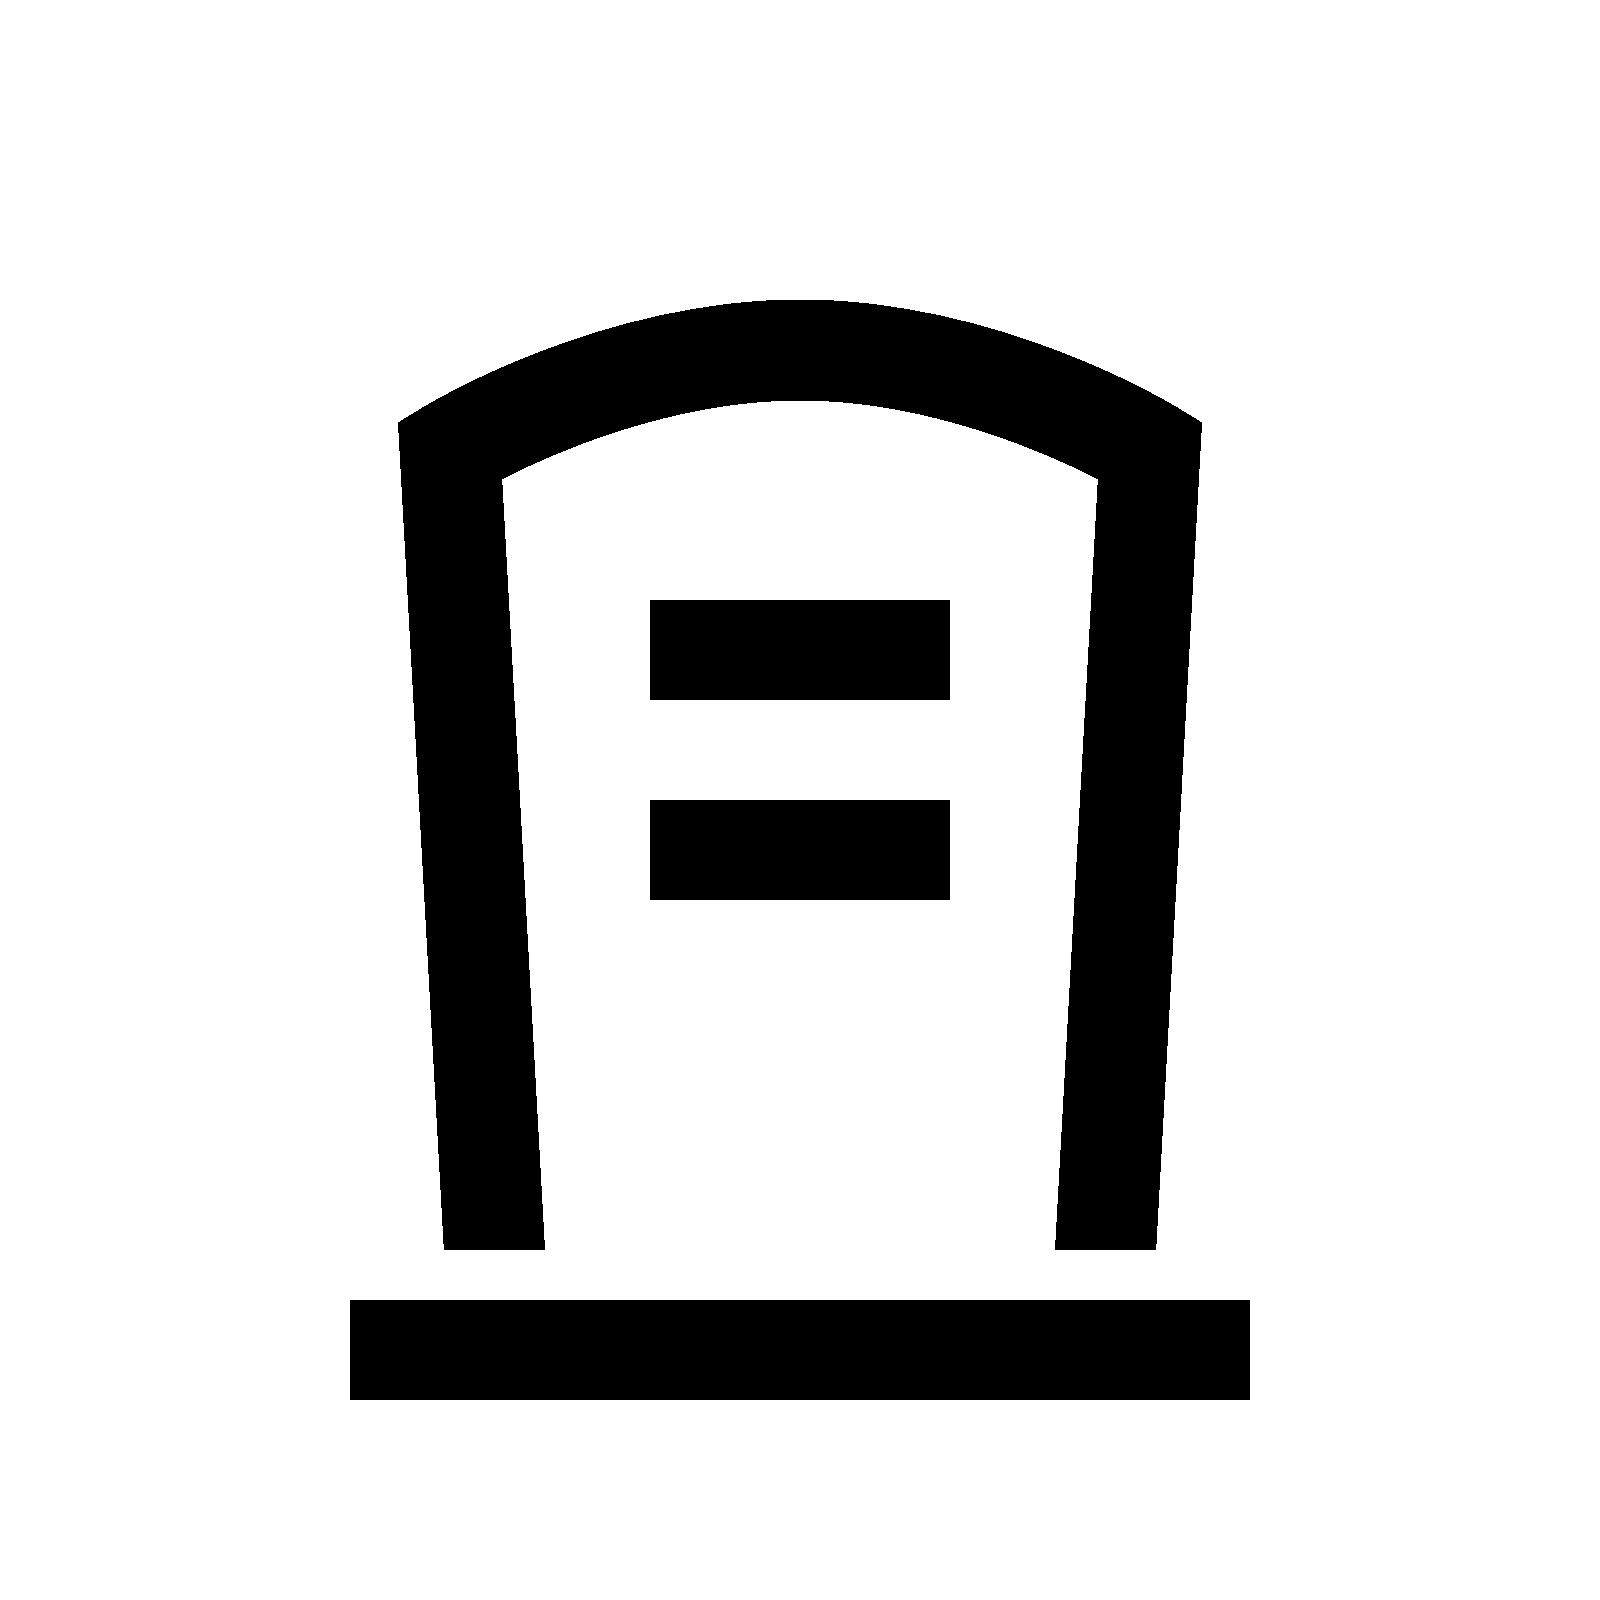 Geoportaal logo